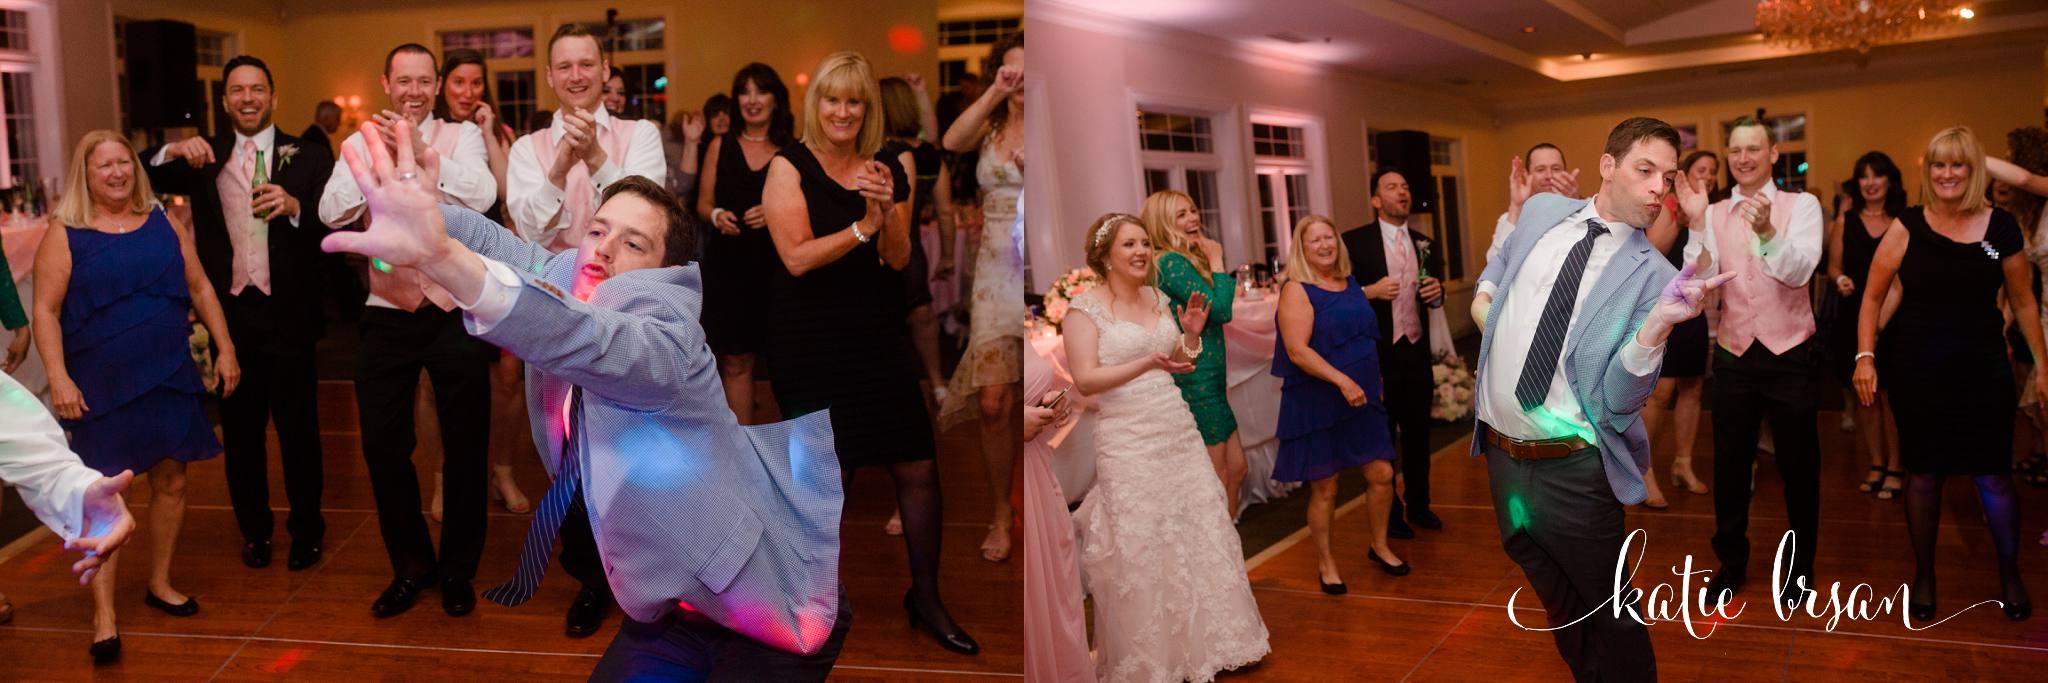 Mokena_Lemont_Wedding_Ruffled_Feathers_Wedding_1454.jpg